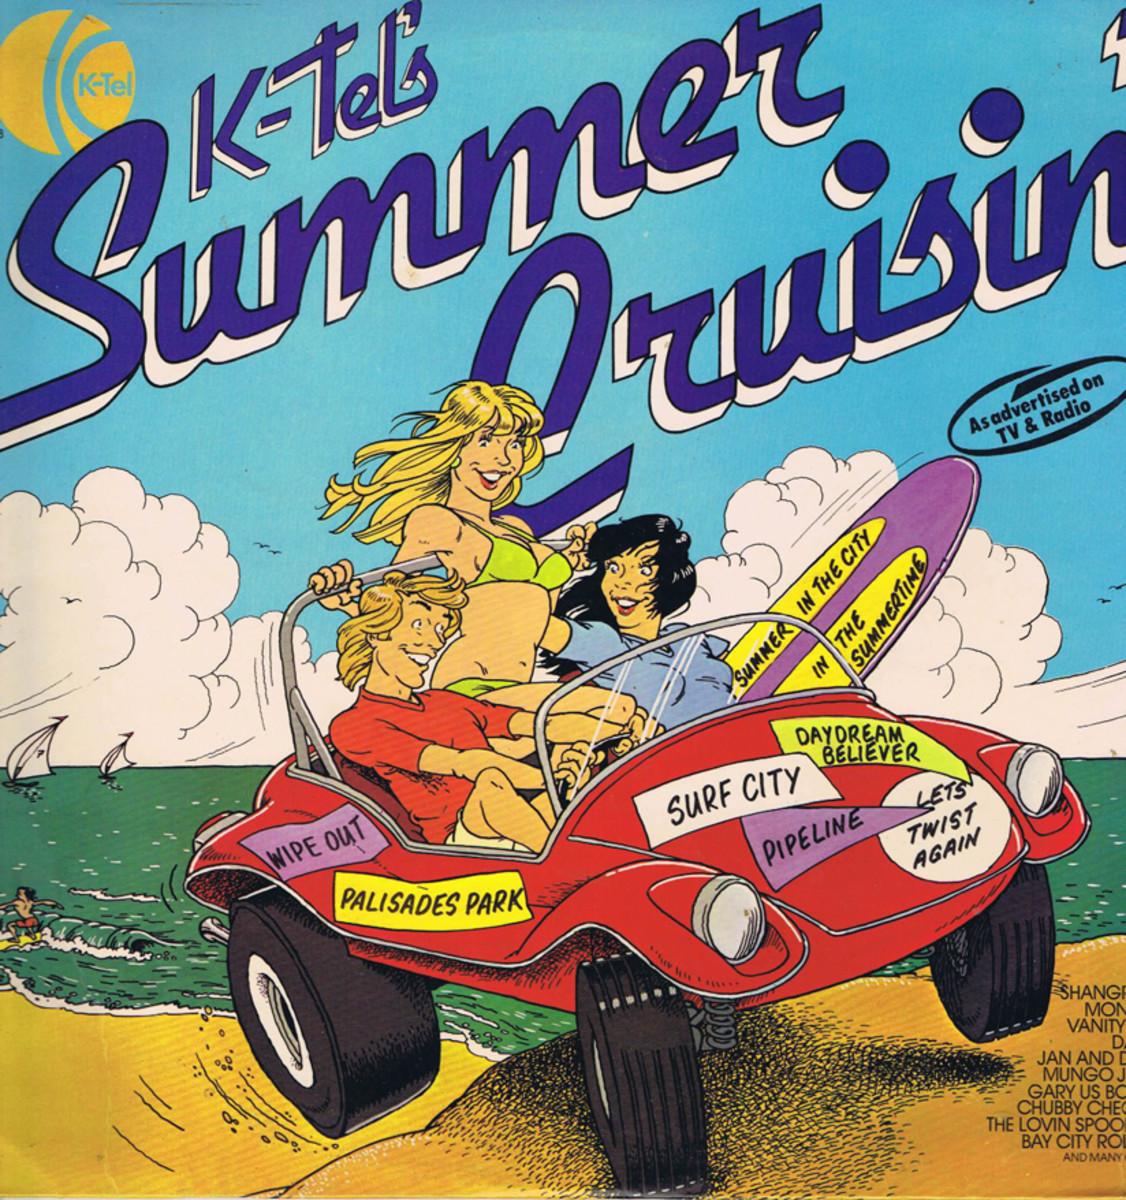 SummerCruisin